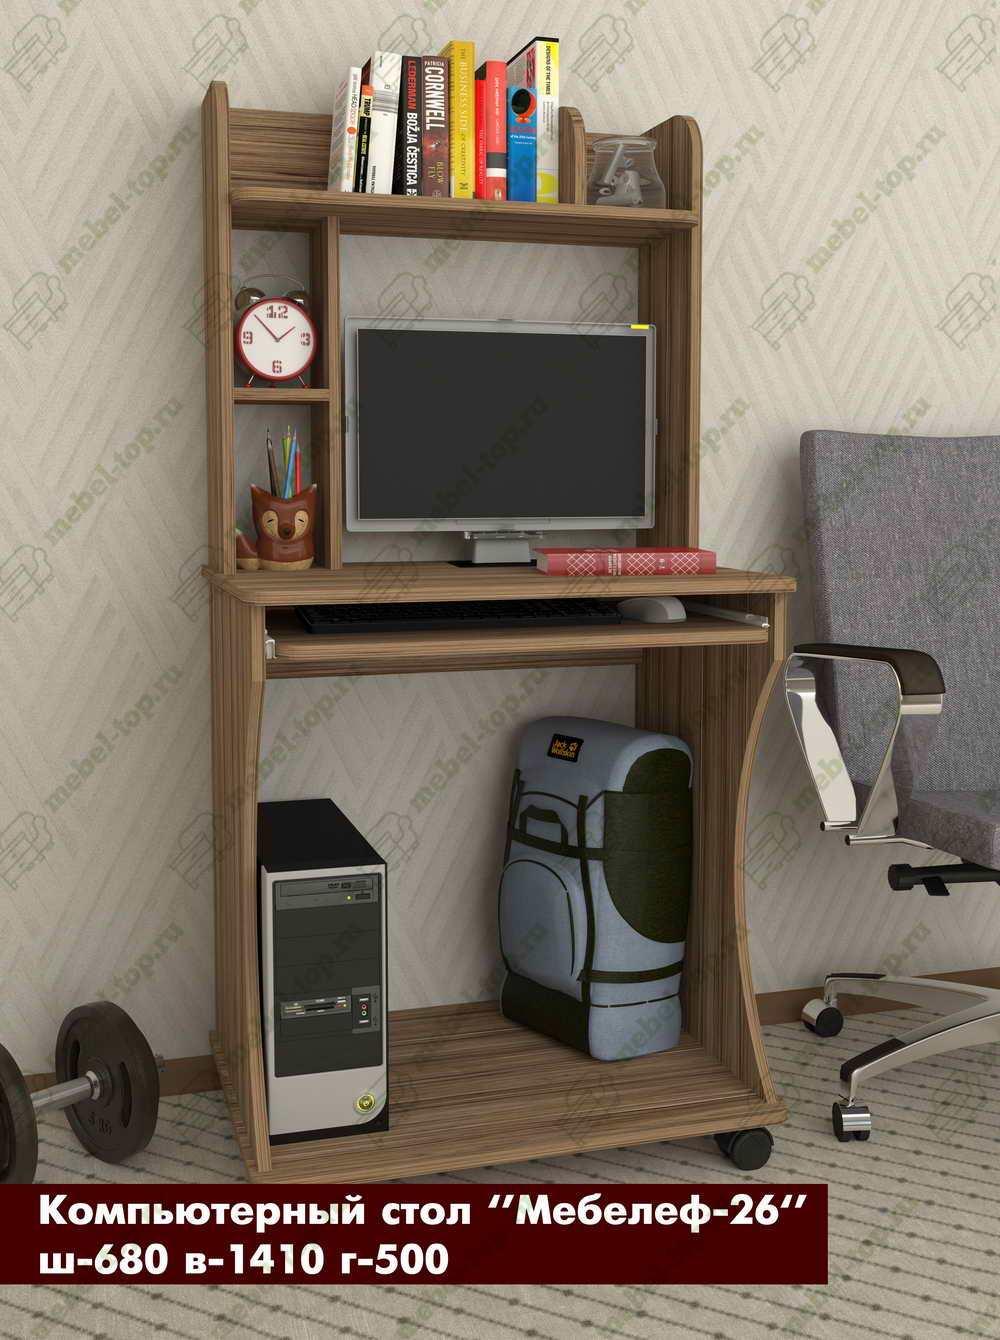 Компьютерный стол Мебелеф-26 компьютерный стол кс 20 30